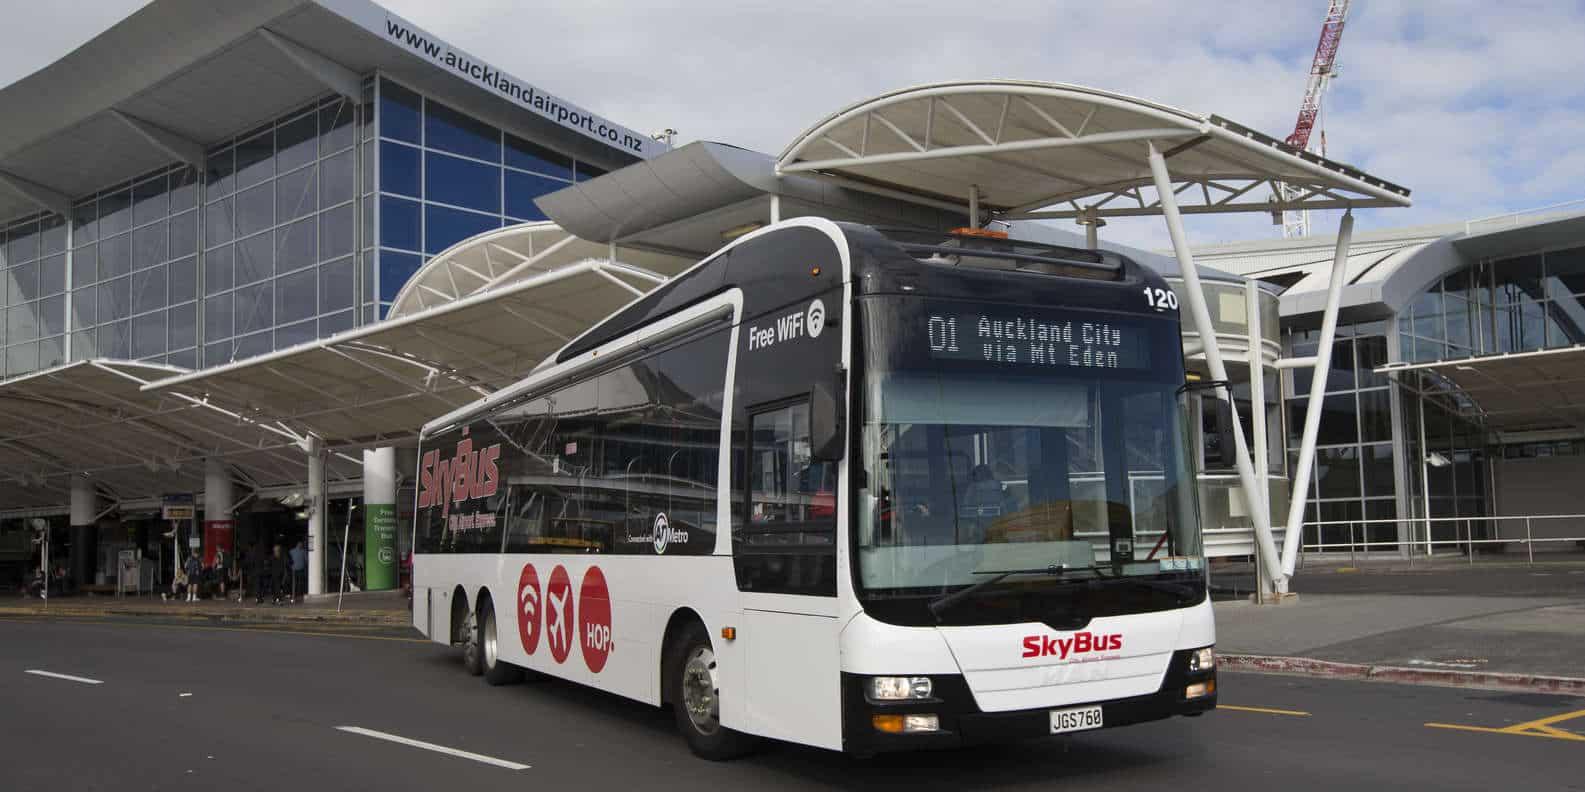 Llegar del aeropuerto de auckland al CBD con transporte público - Skybus